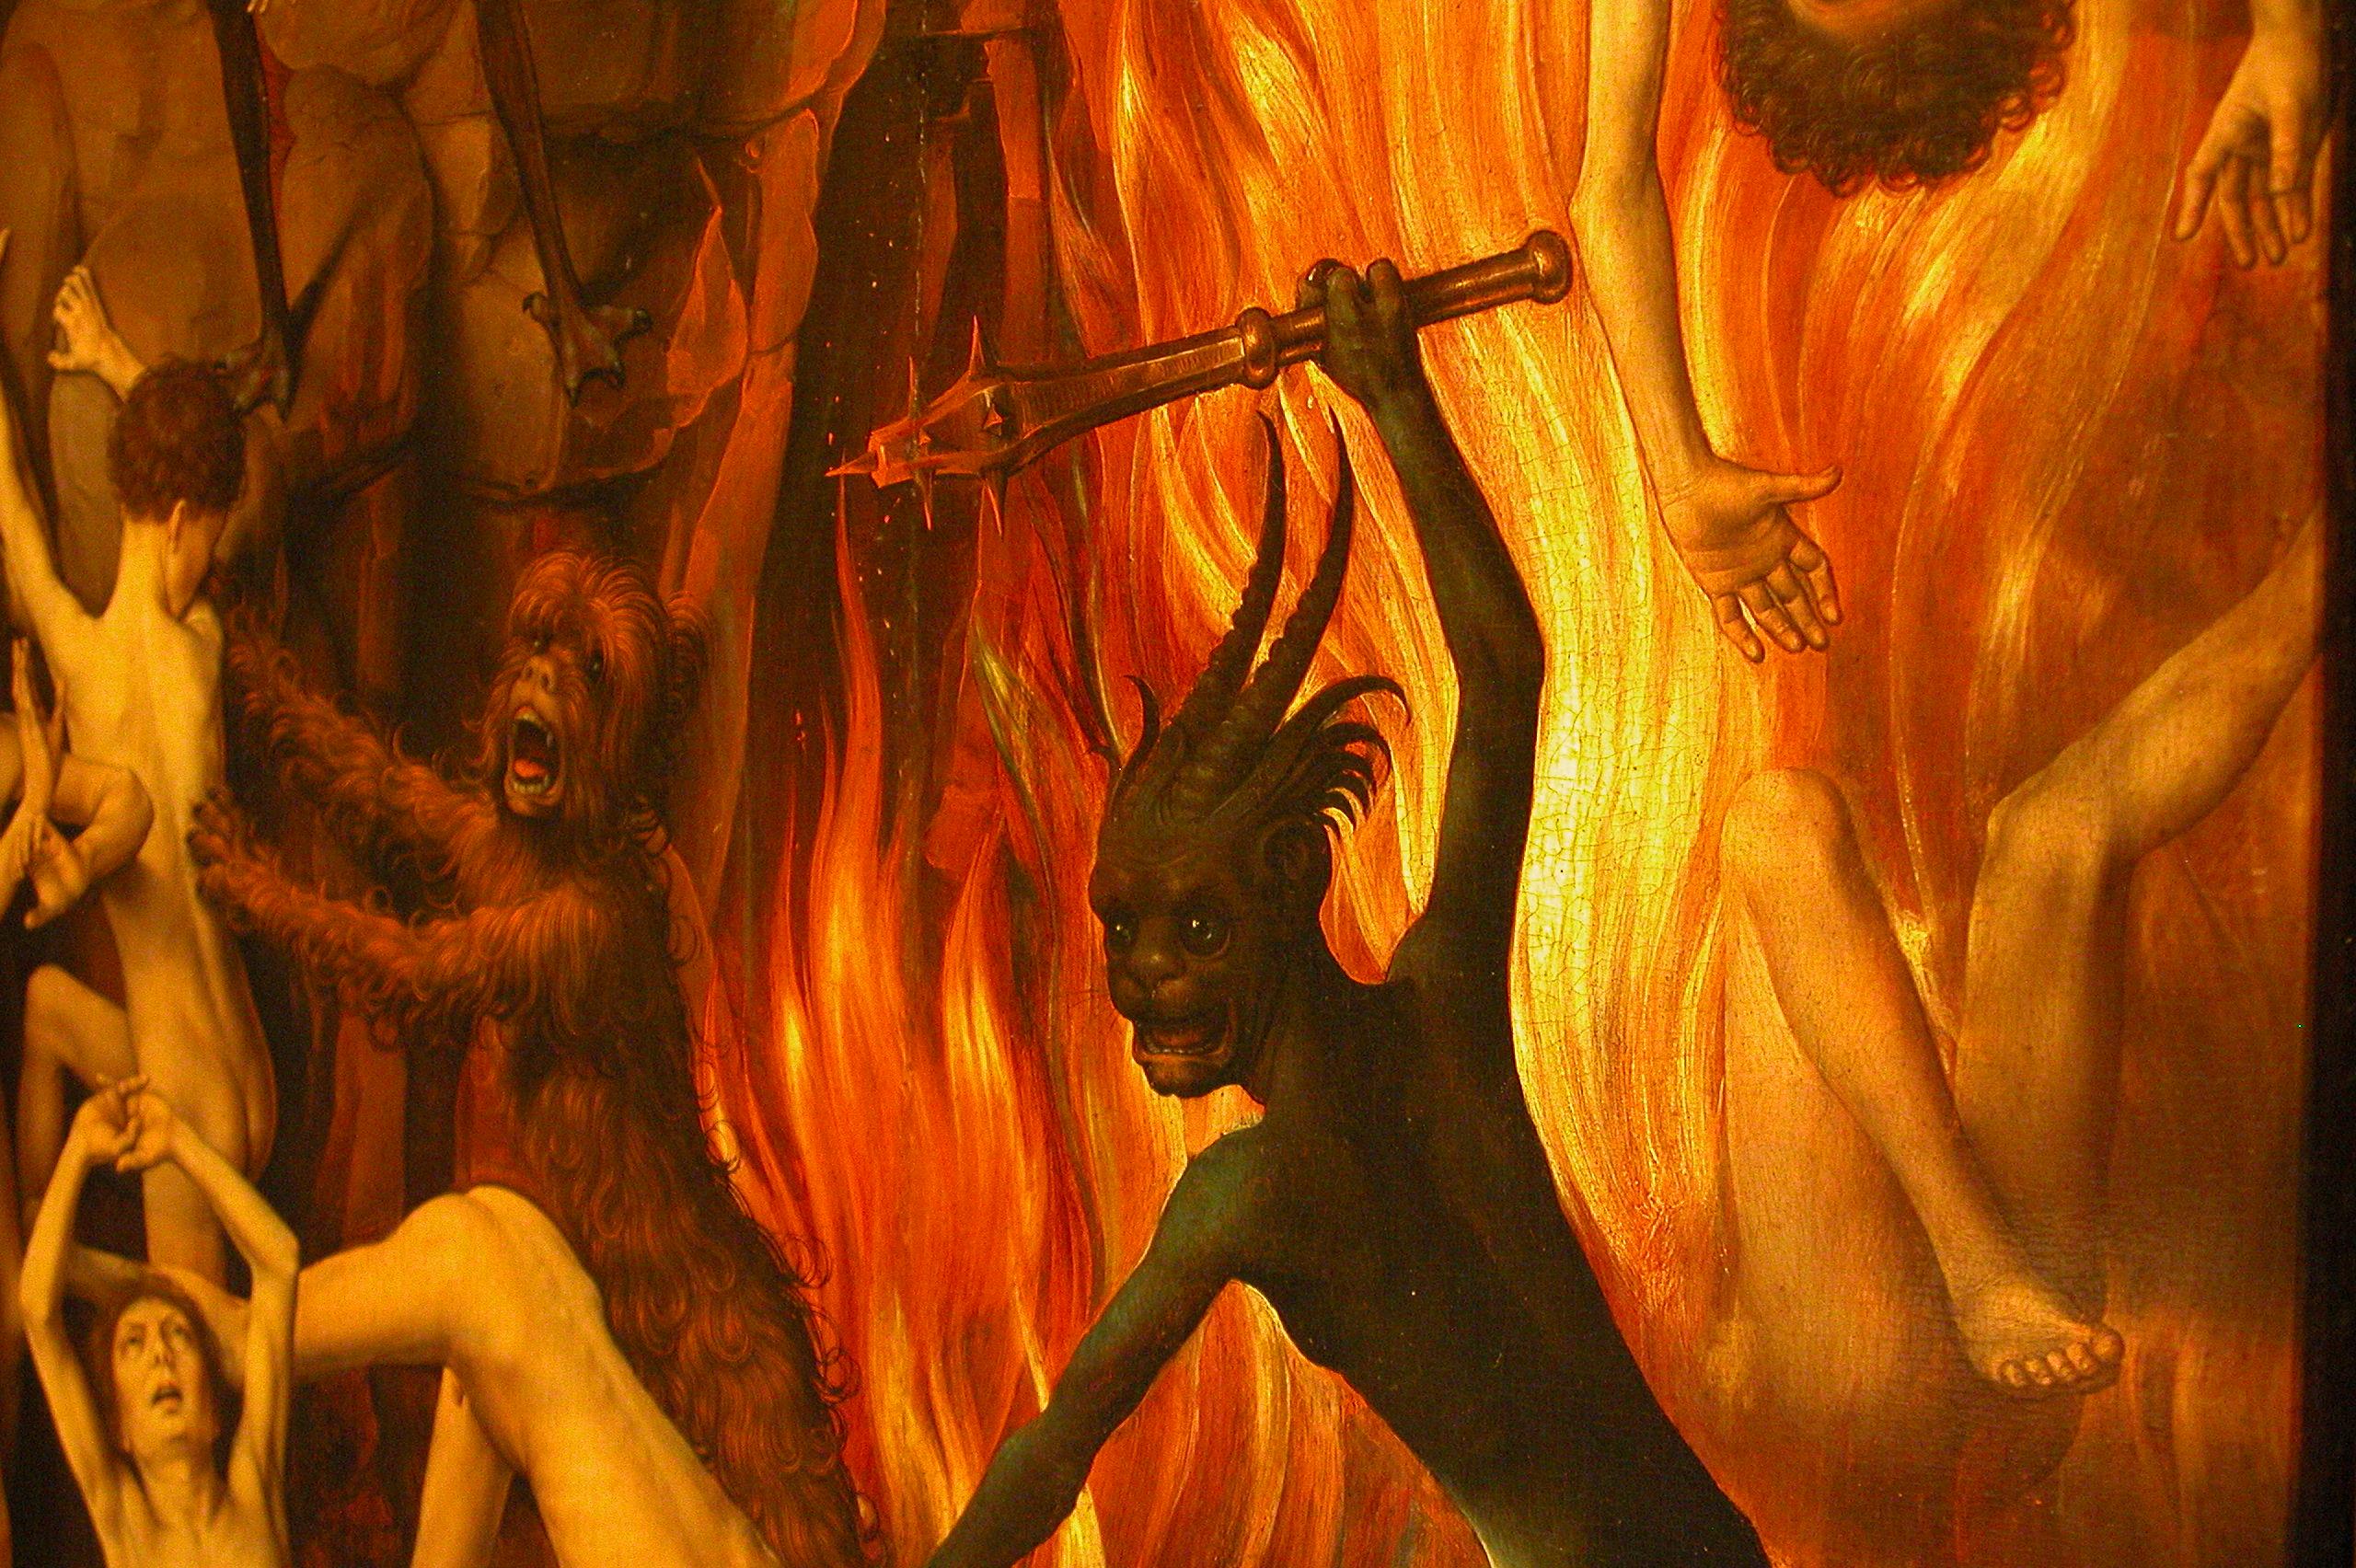 наказания ждут грешников в аду